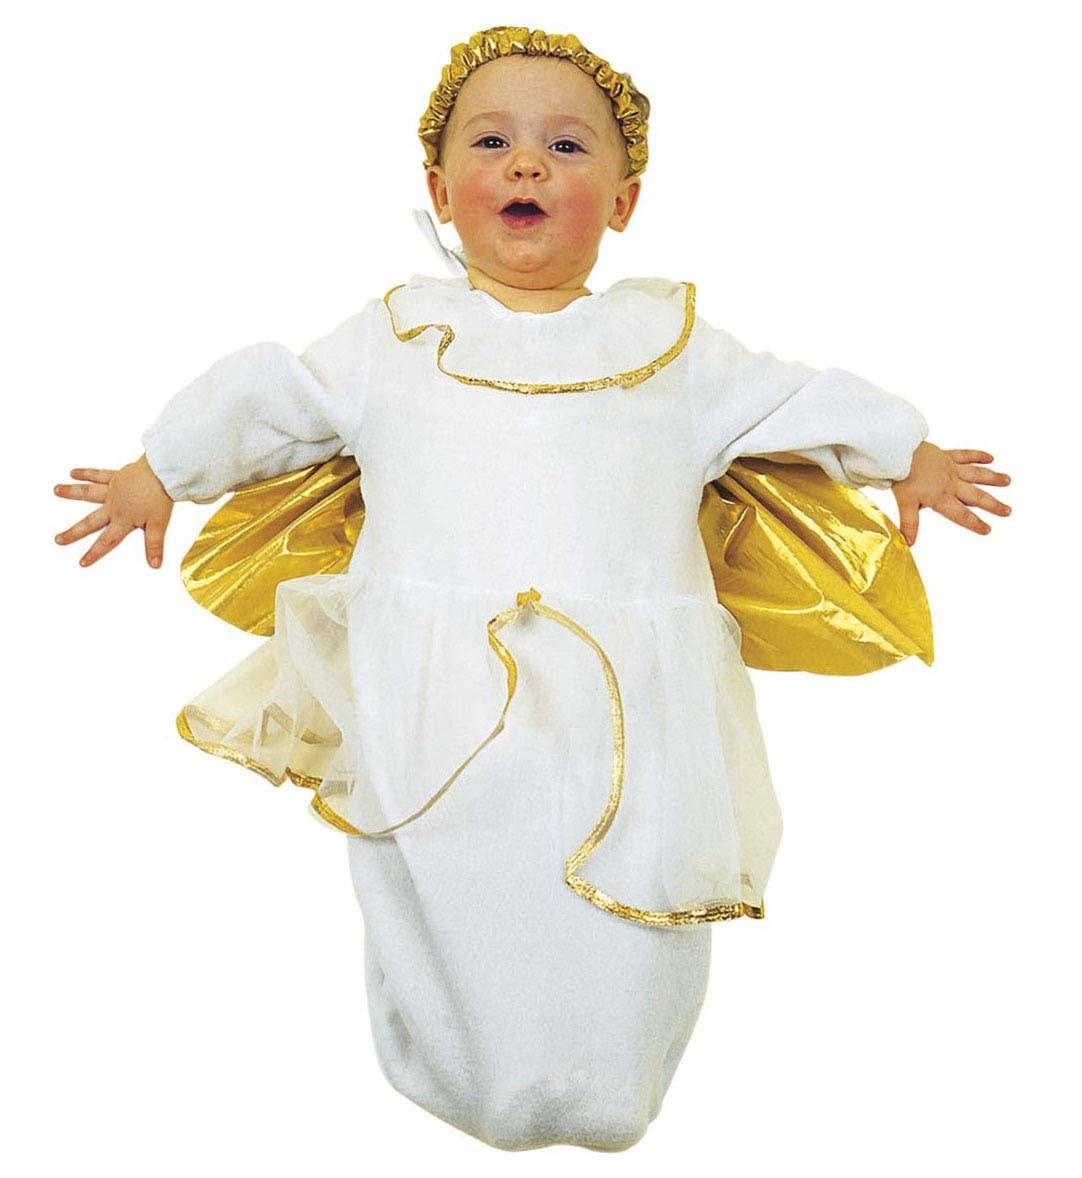 Costume da Gesù bambino bianco su VegaooParty 596d4524b26d